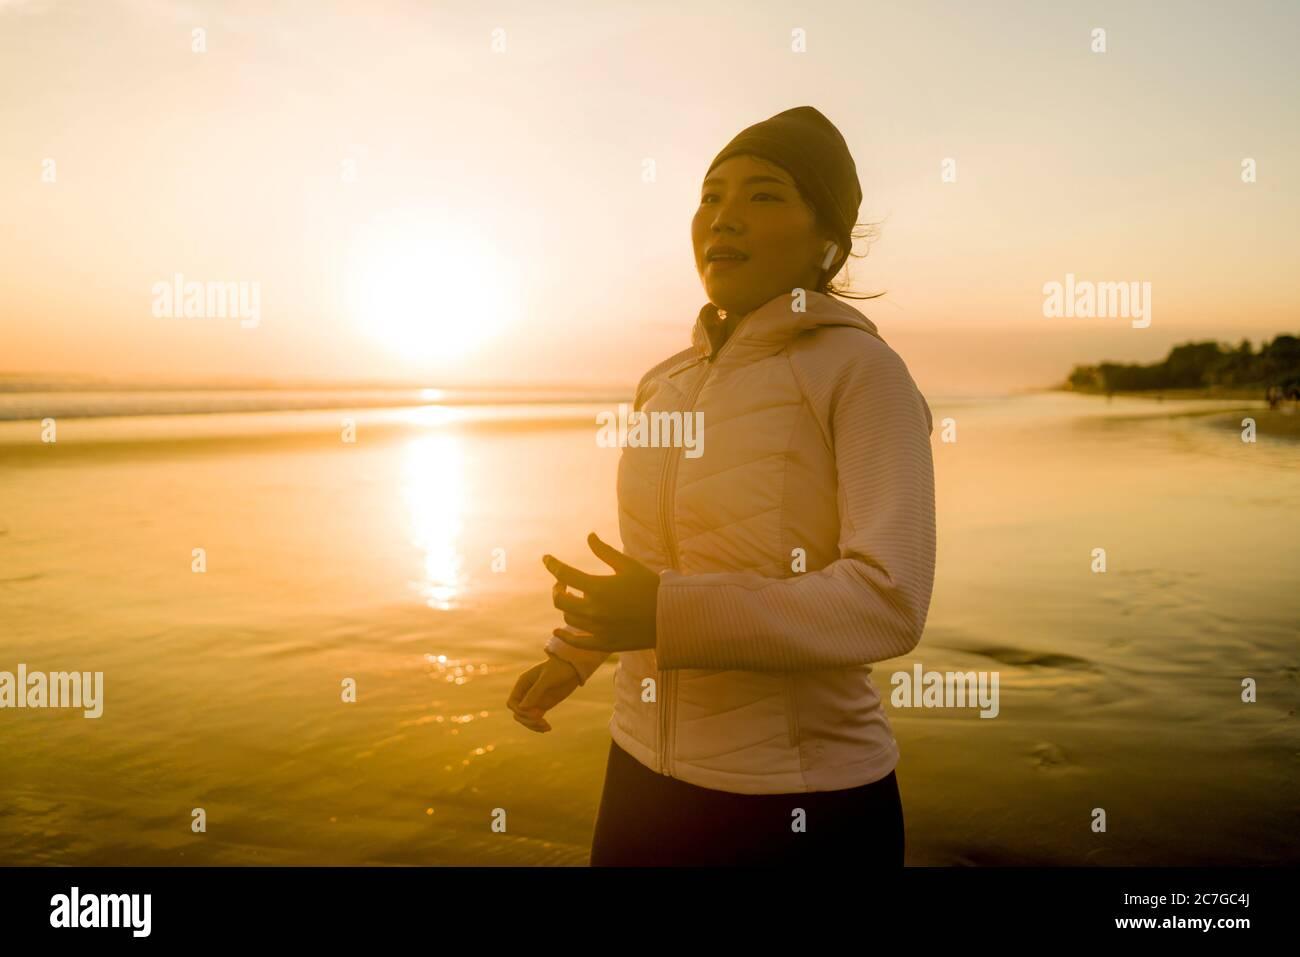 Chica asiática corriendo en la playa - joven atractiva y feliz China haciendo ejercicio de jogging en la hermosa playa disfrutando de la aptitud y el runas saludable Foto de stock